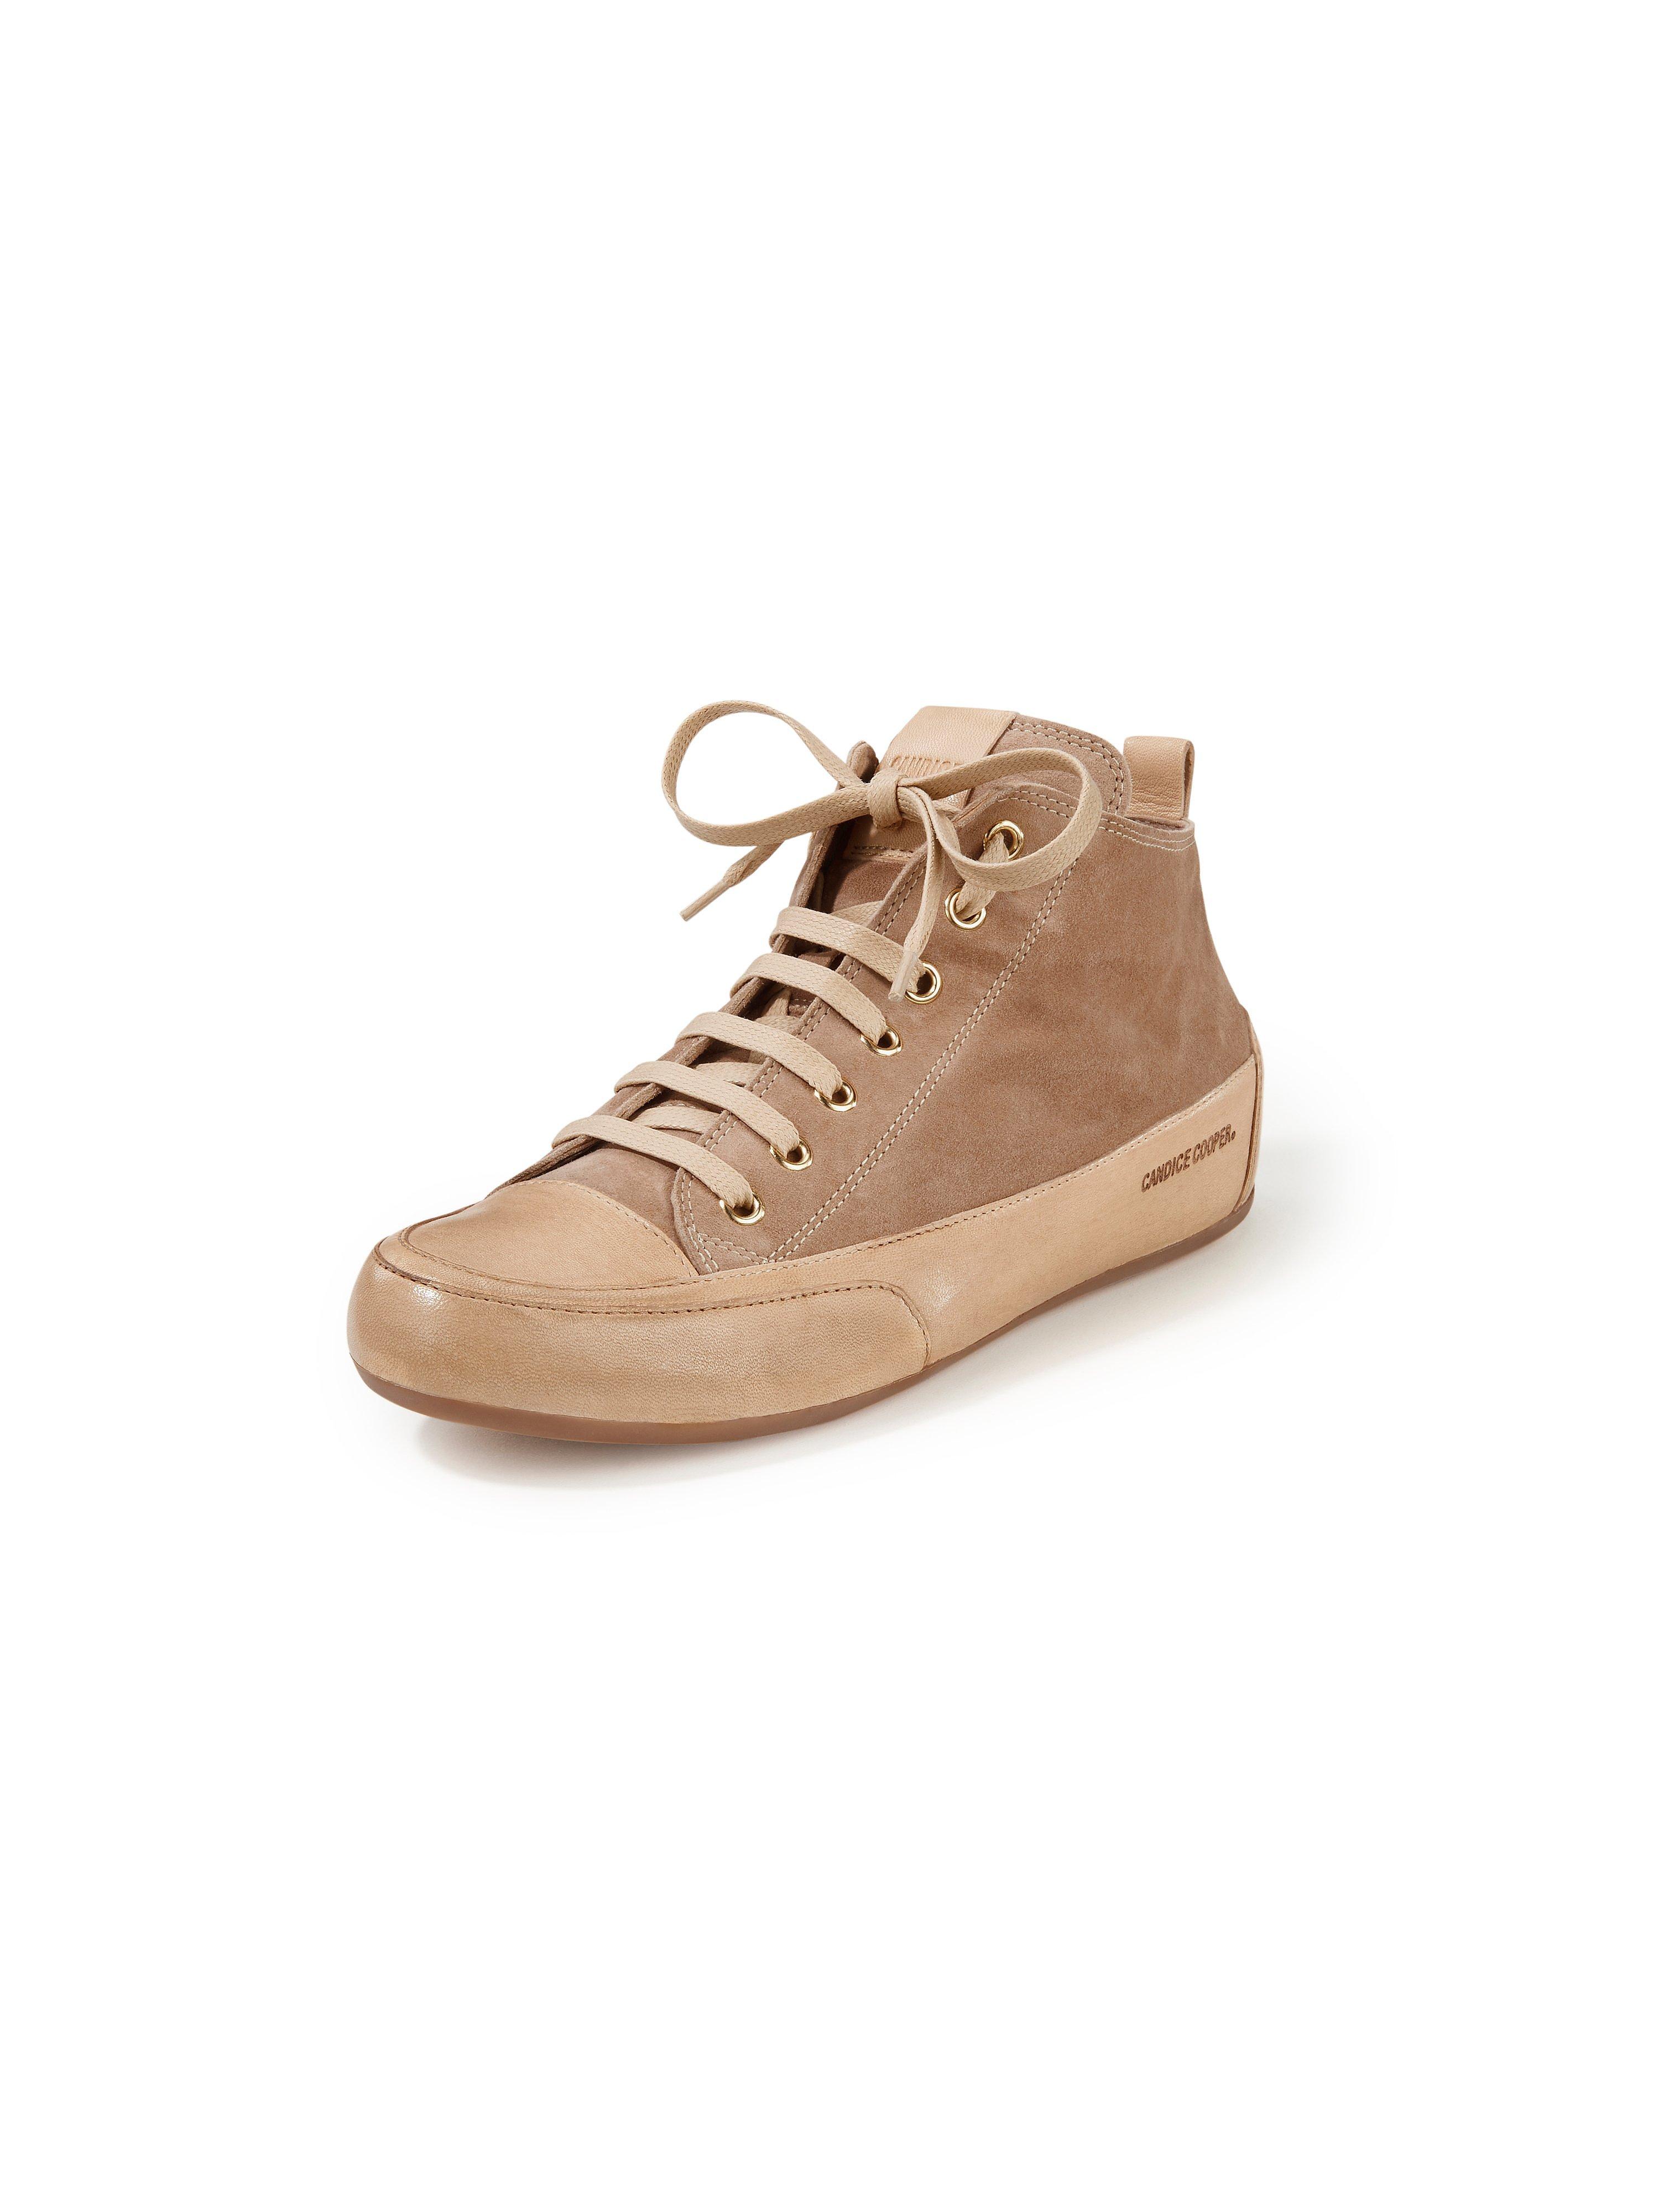 sneakers Mid van geitensuèdeleer Van Candice Cooper beige